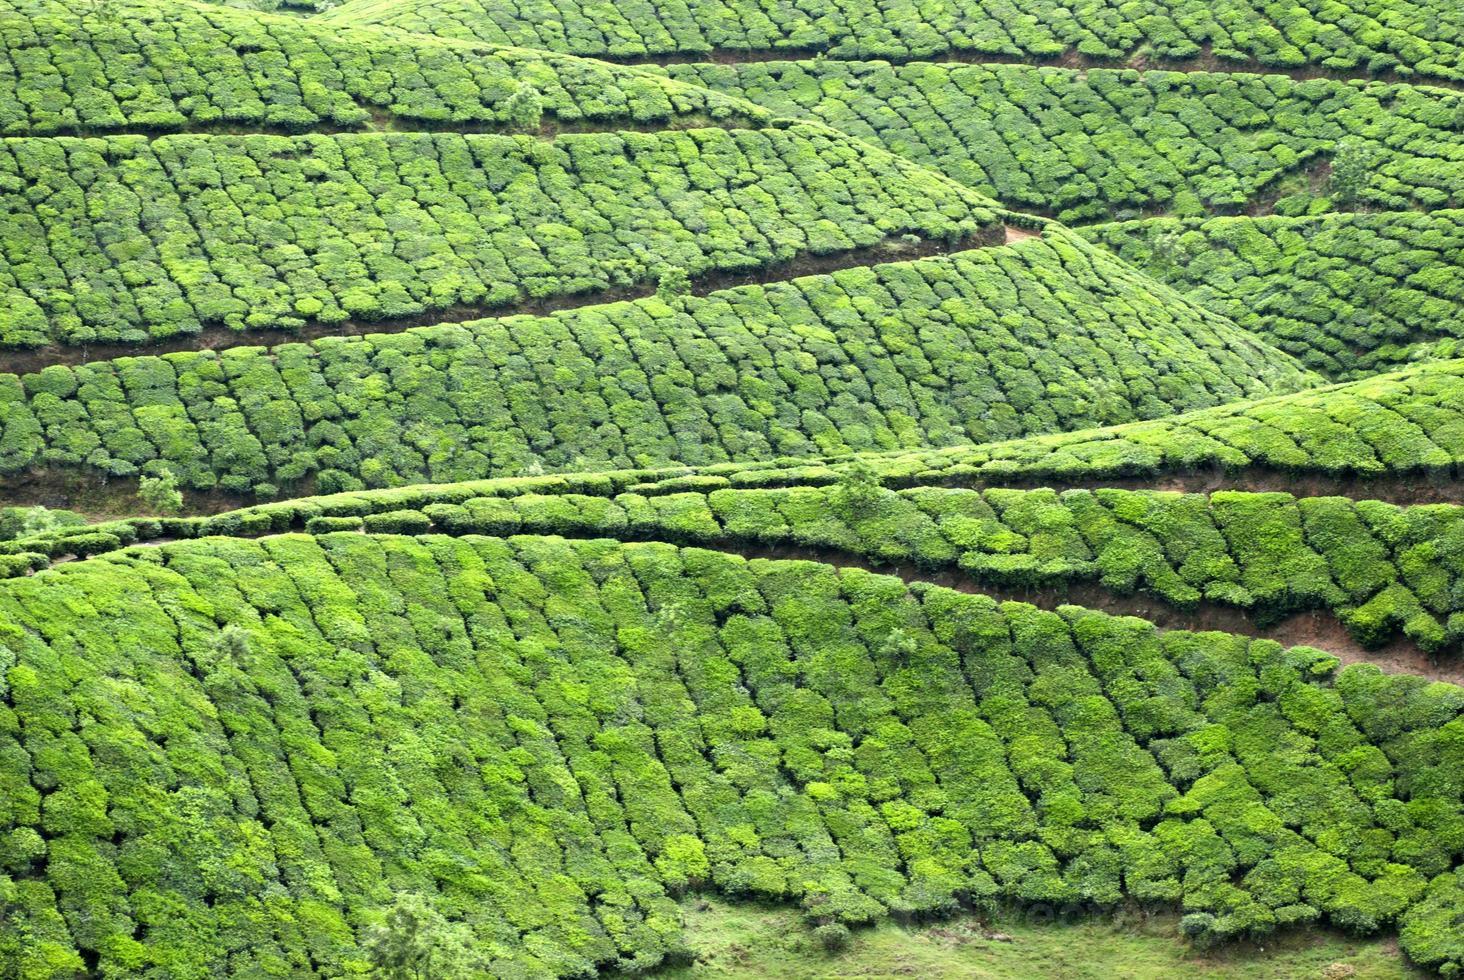 plantación de té, cultivo de té foto